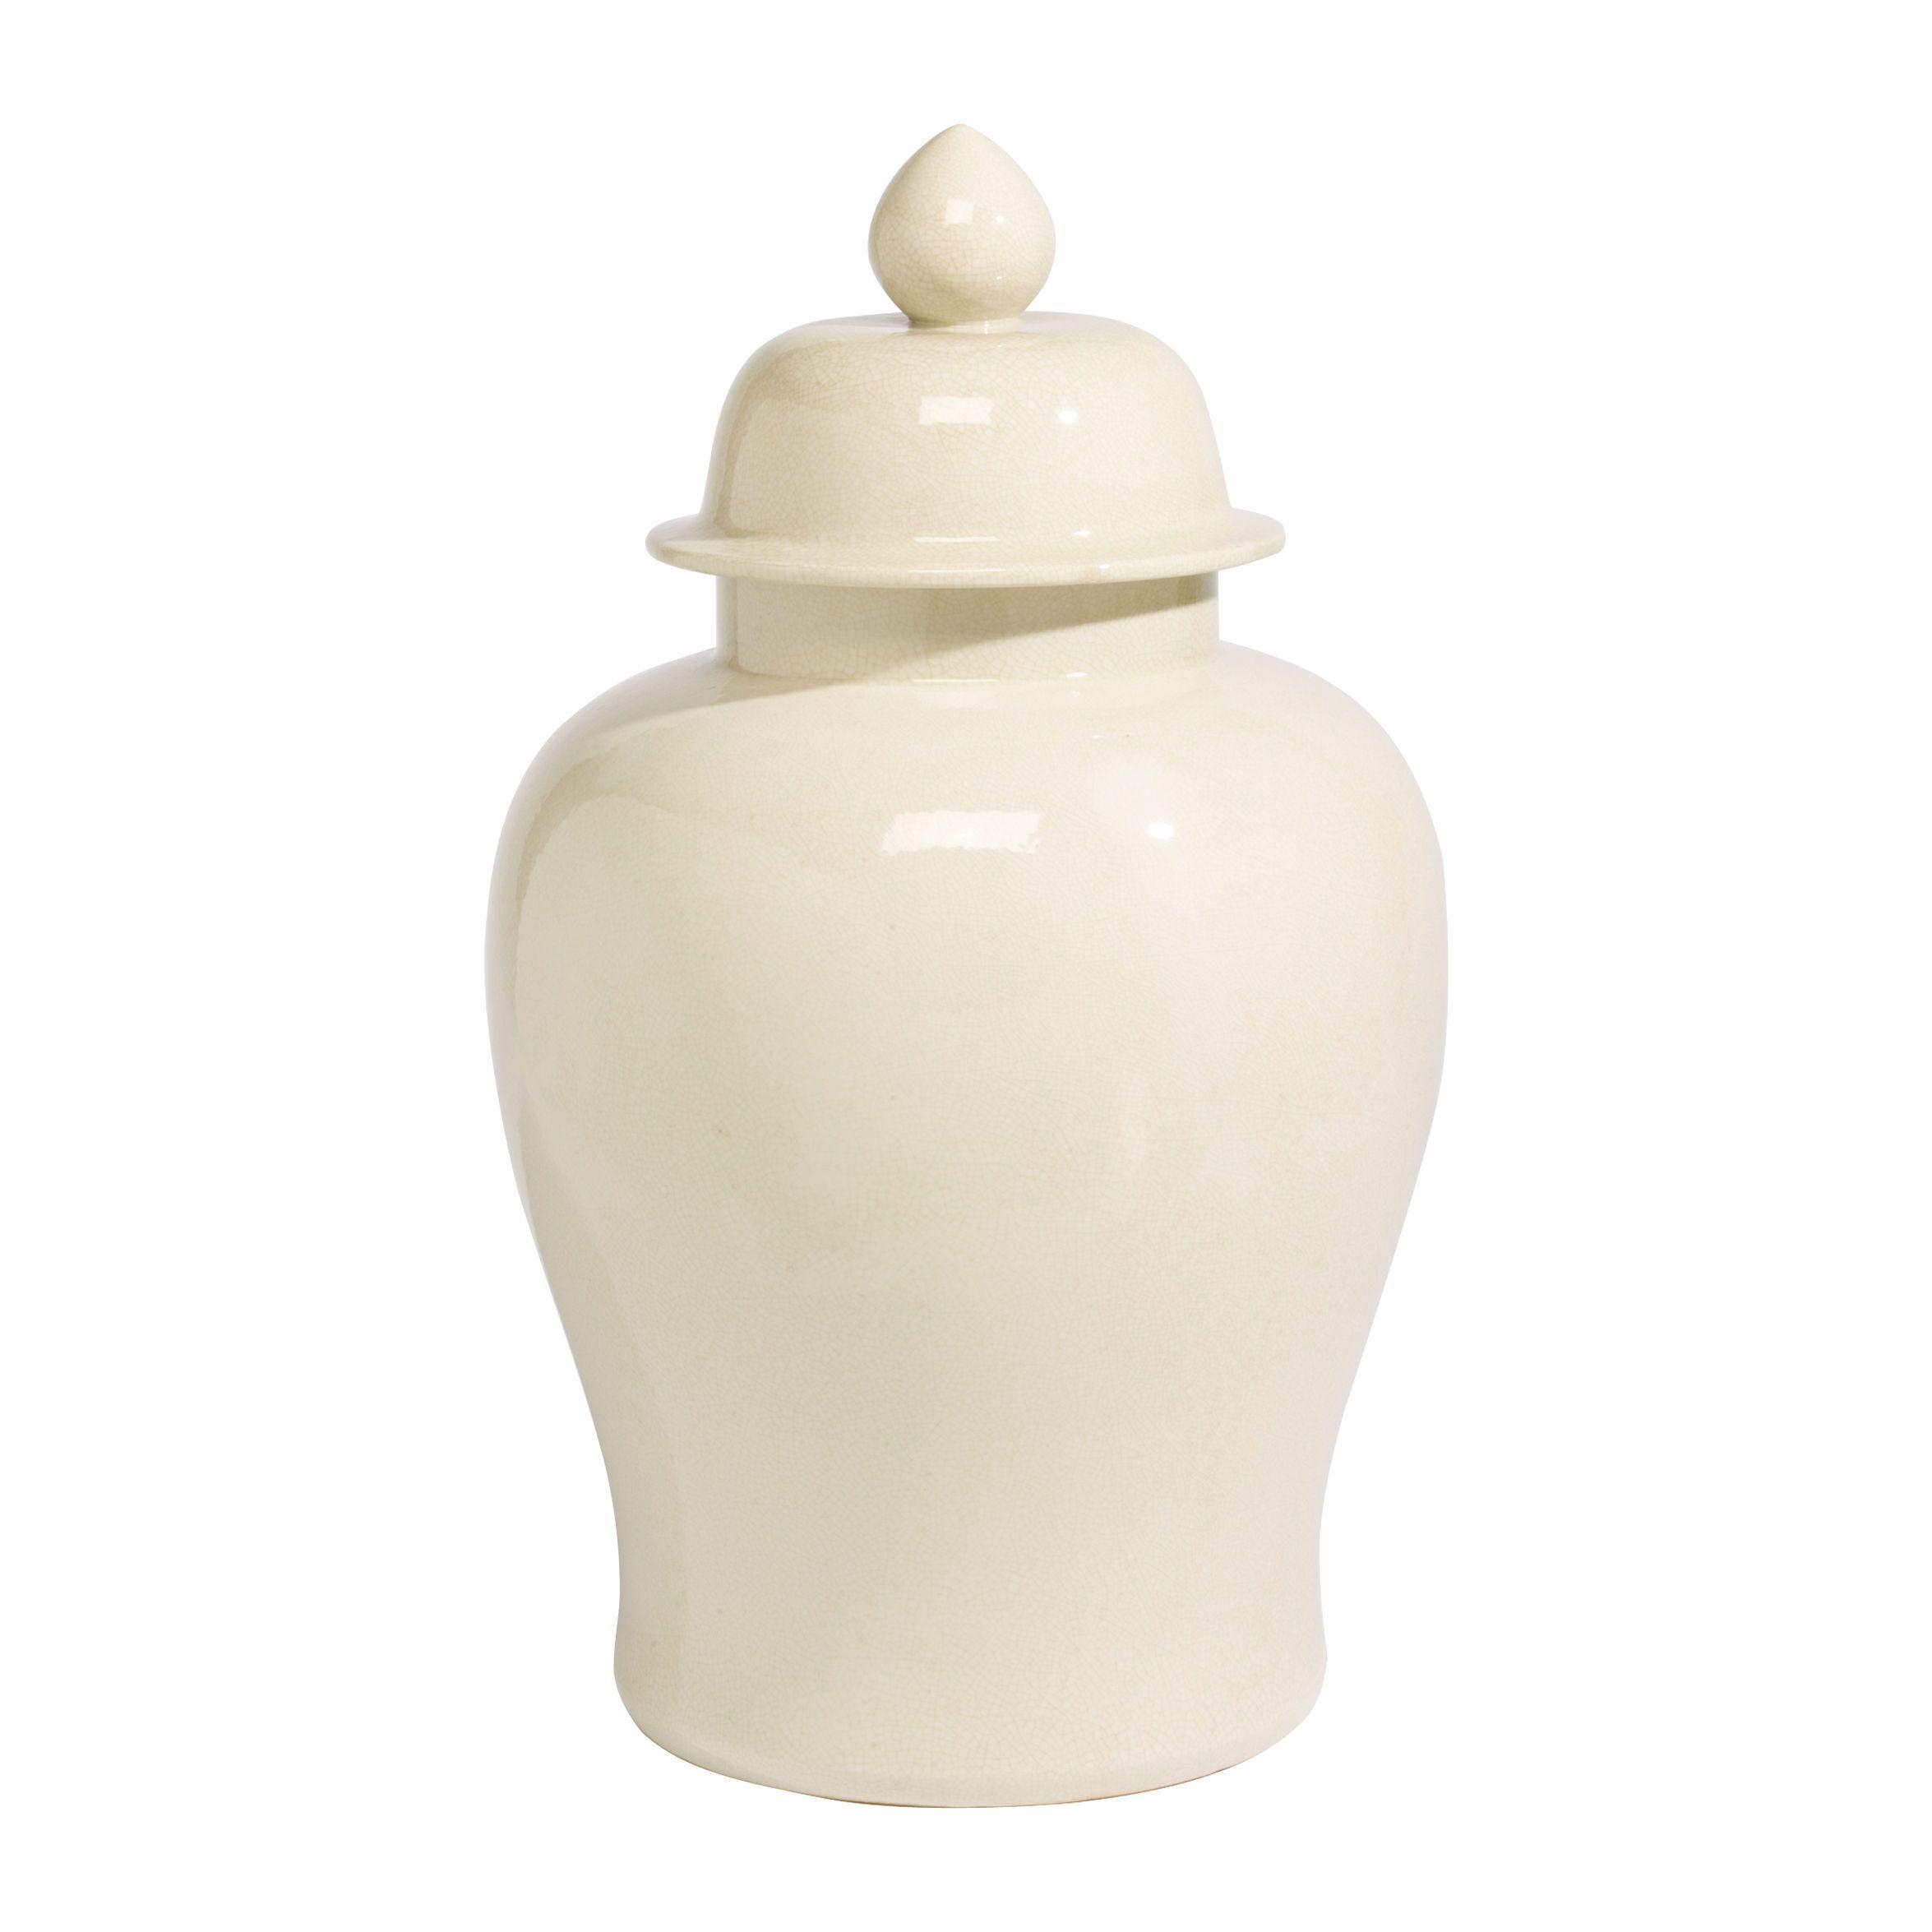 Ivory Porcelain Temple Jar - Ethan Allen US | Unique garden ideas ...